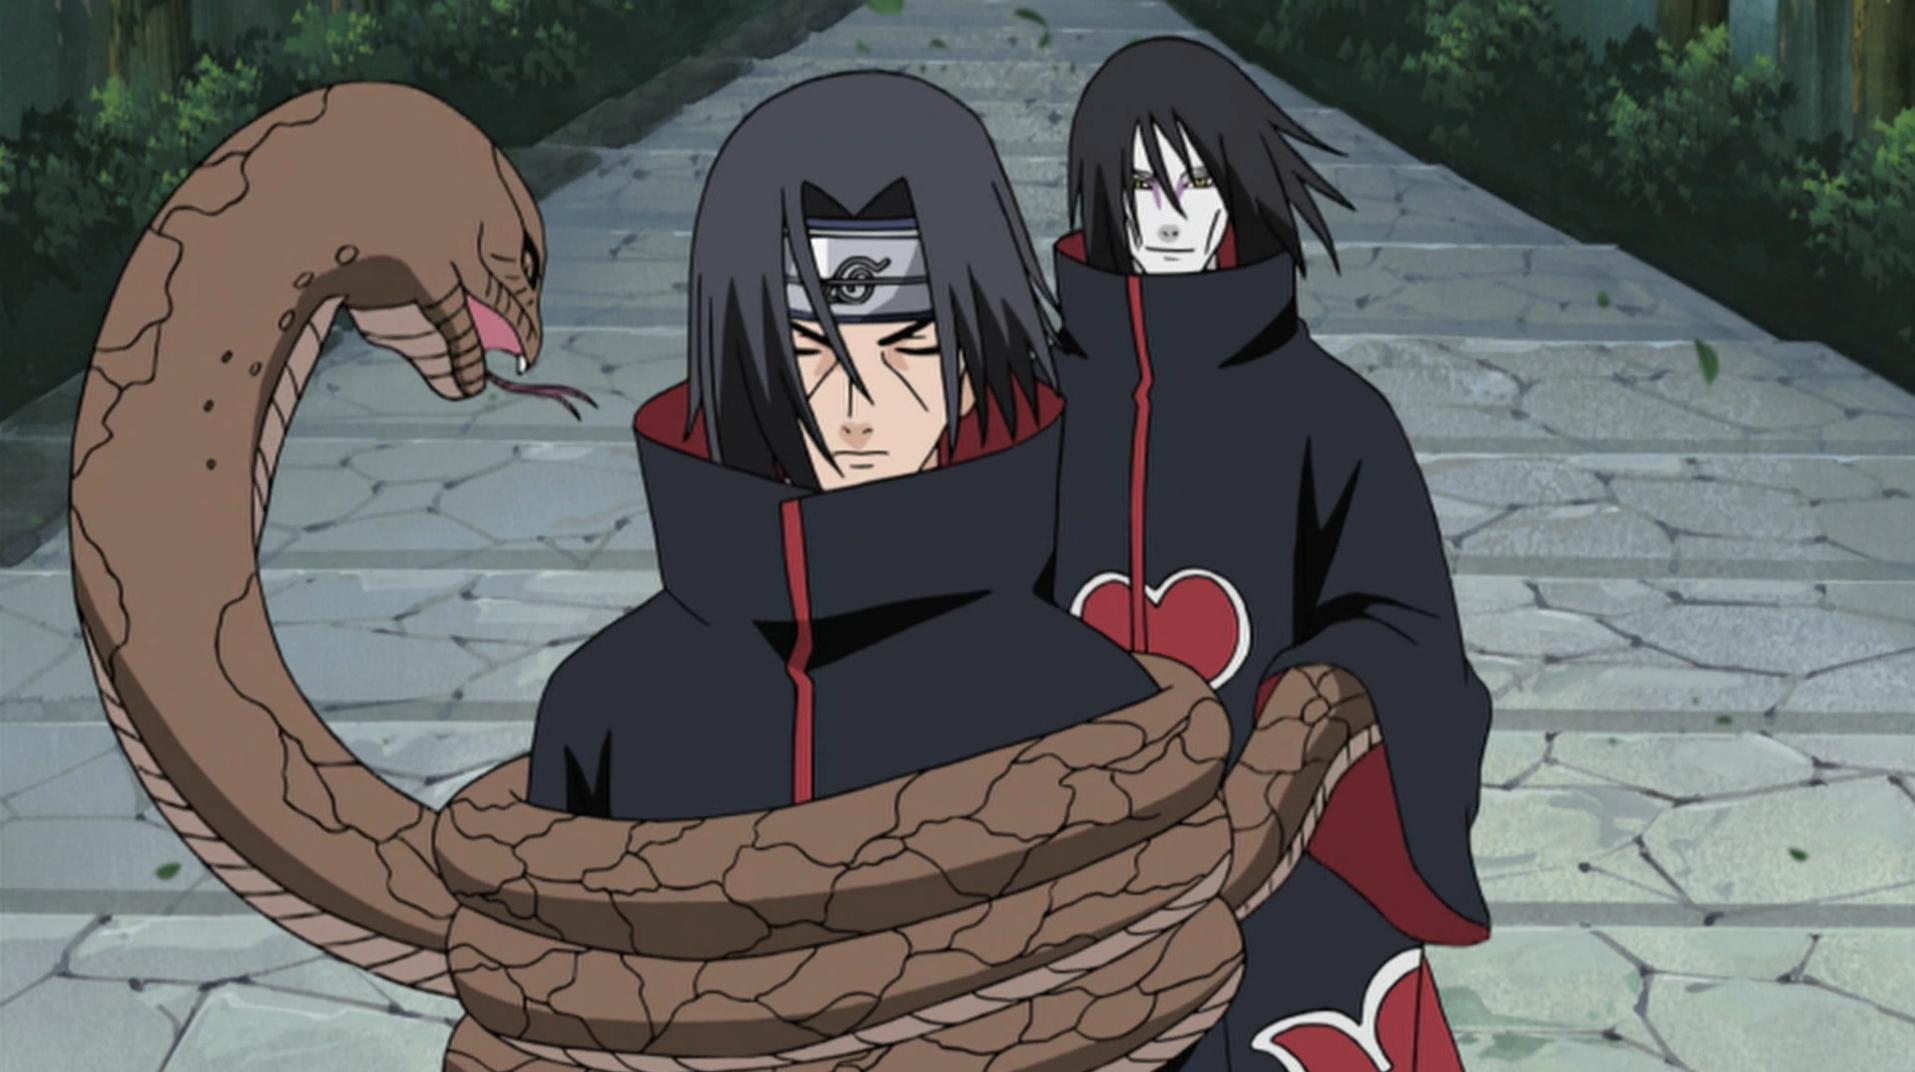 Orochimaru | Naruto sd Wiki | FANDOM powered by Wikia